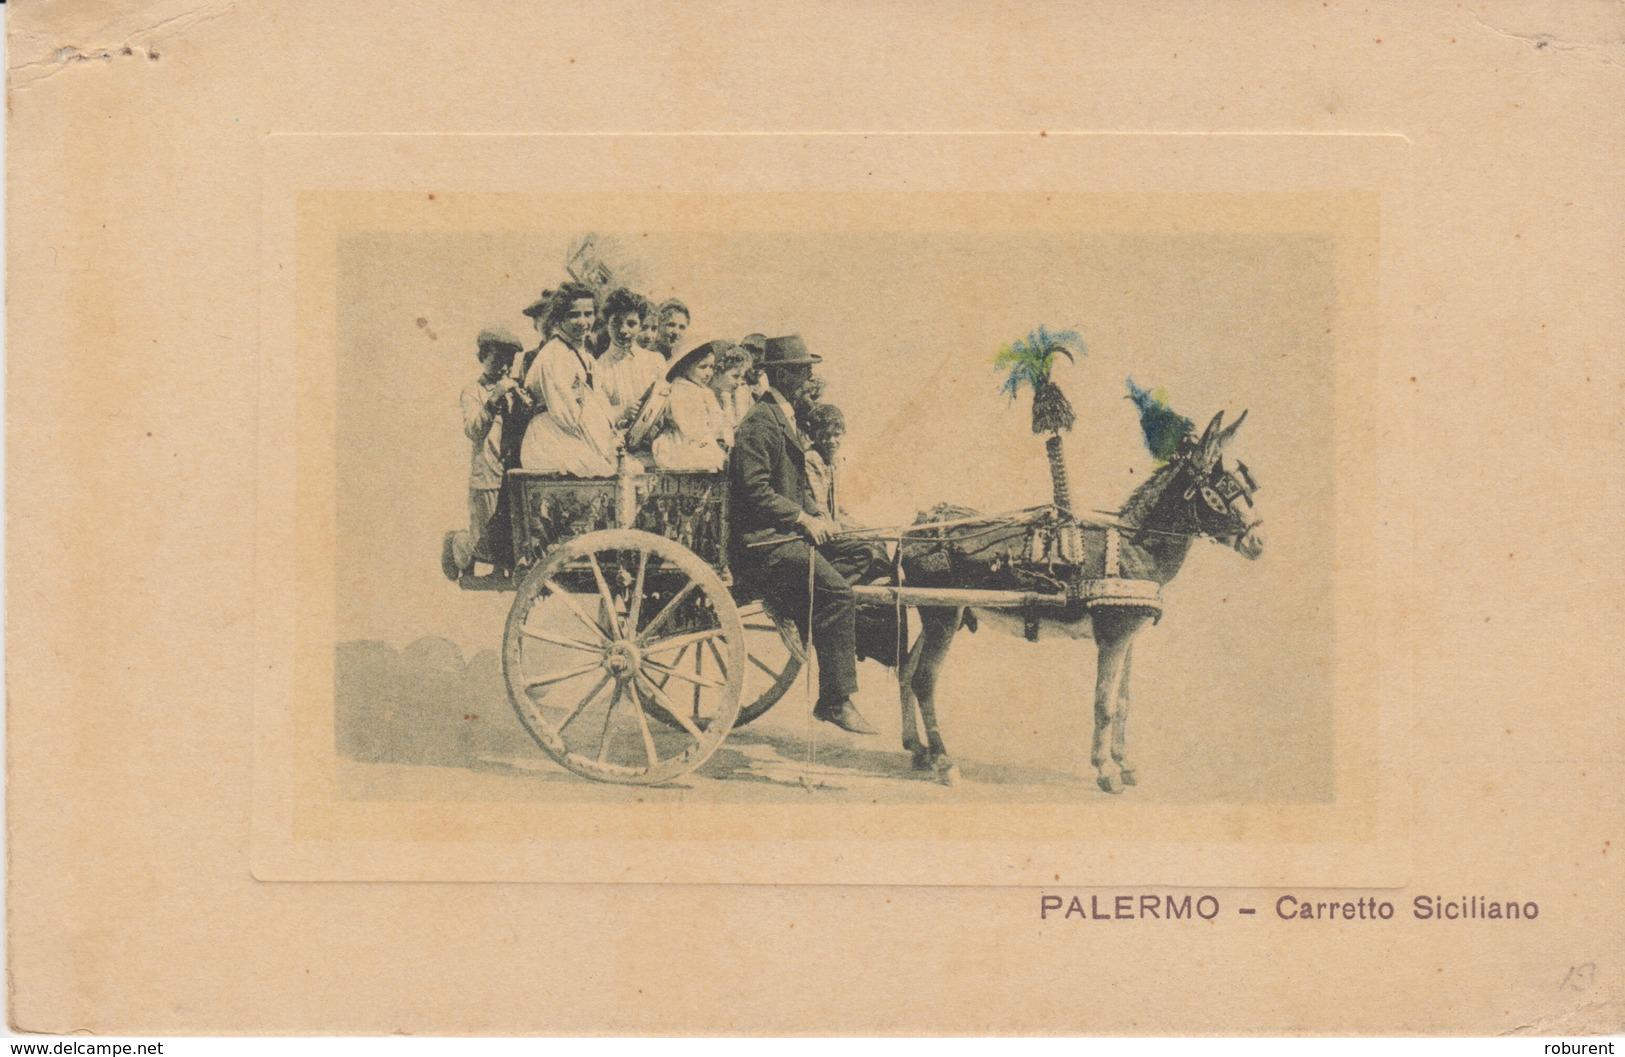 CARTOLINA - PALERMO - CARRETTO SICILIANO - Palermo